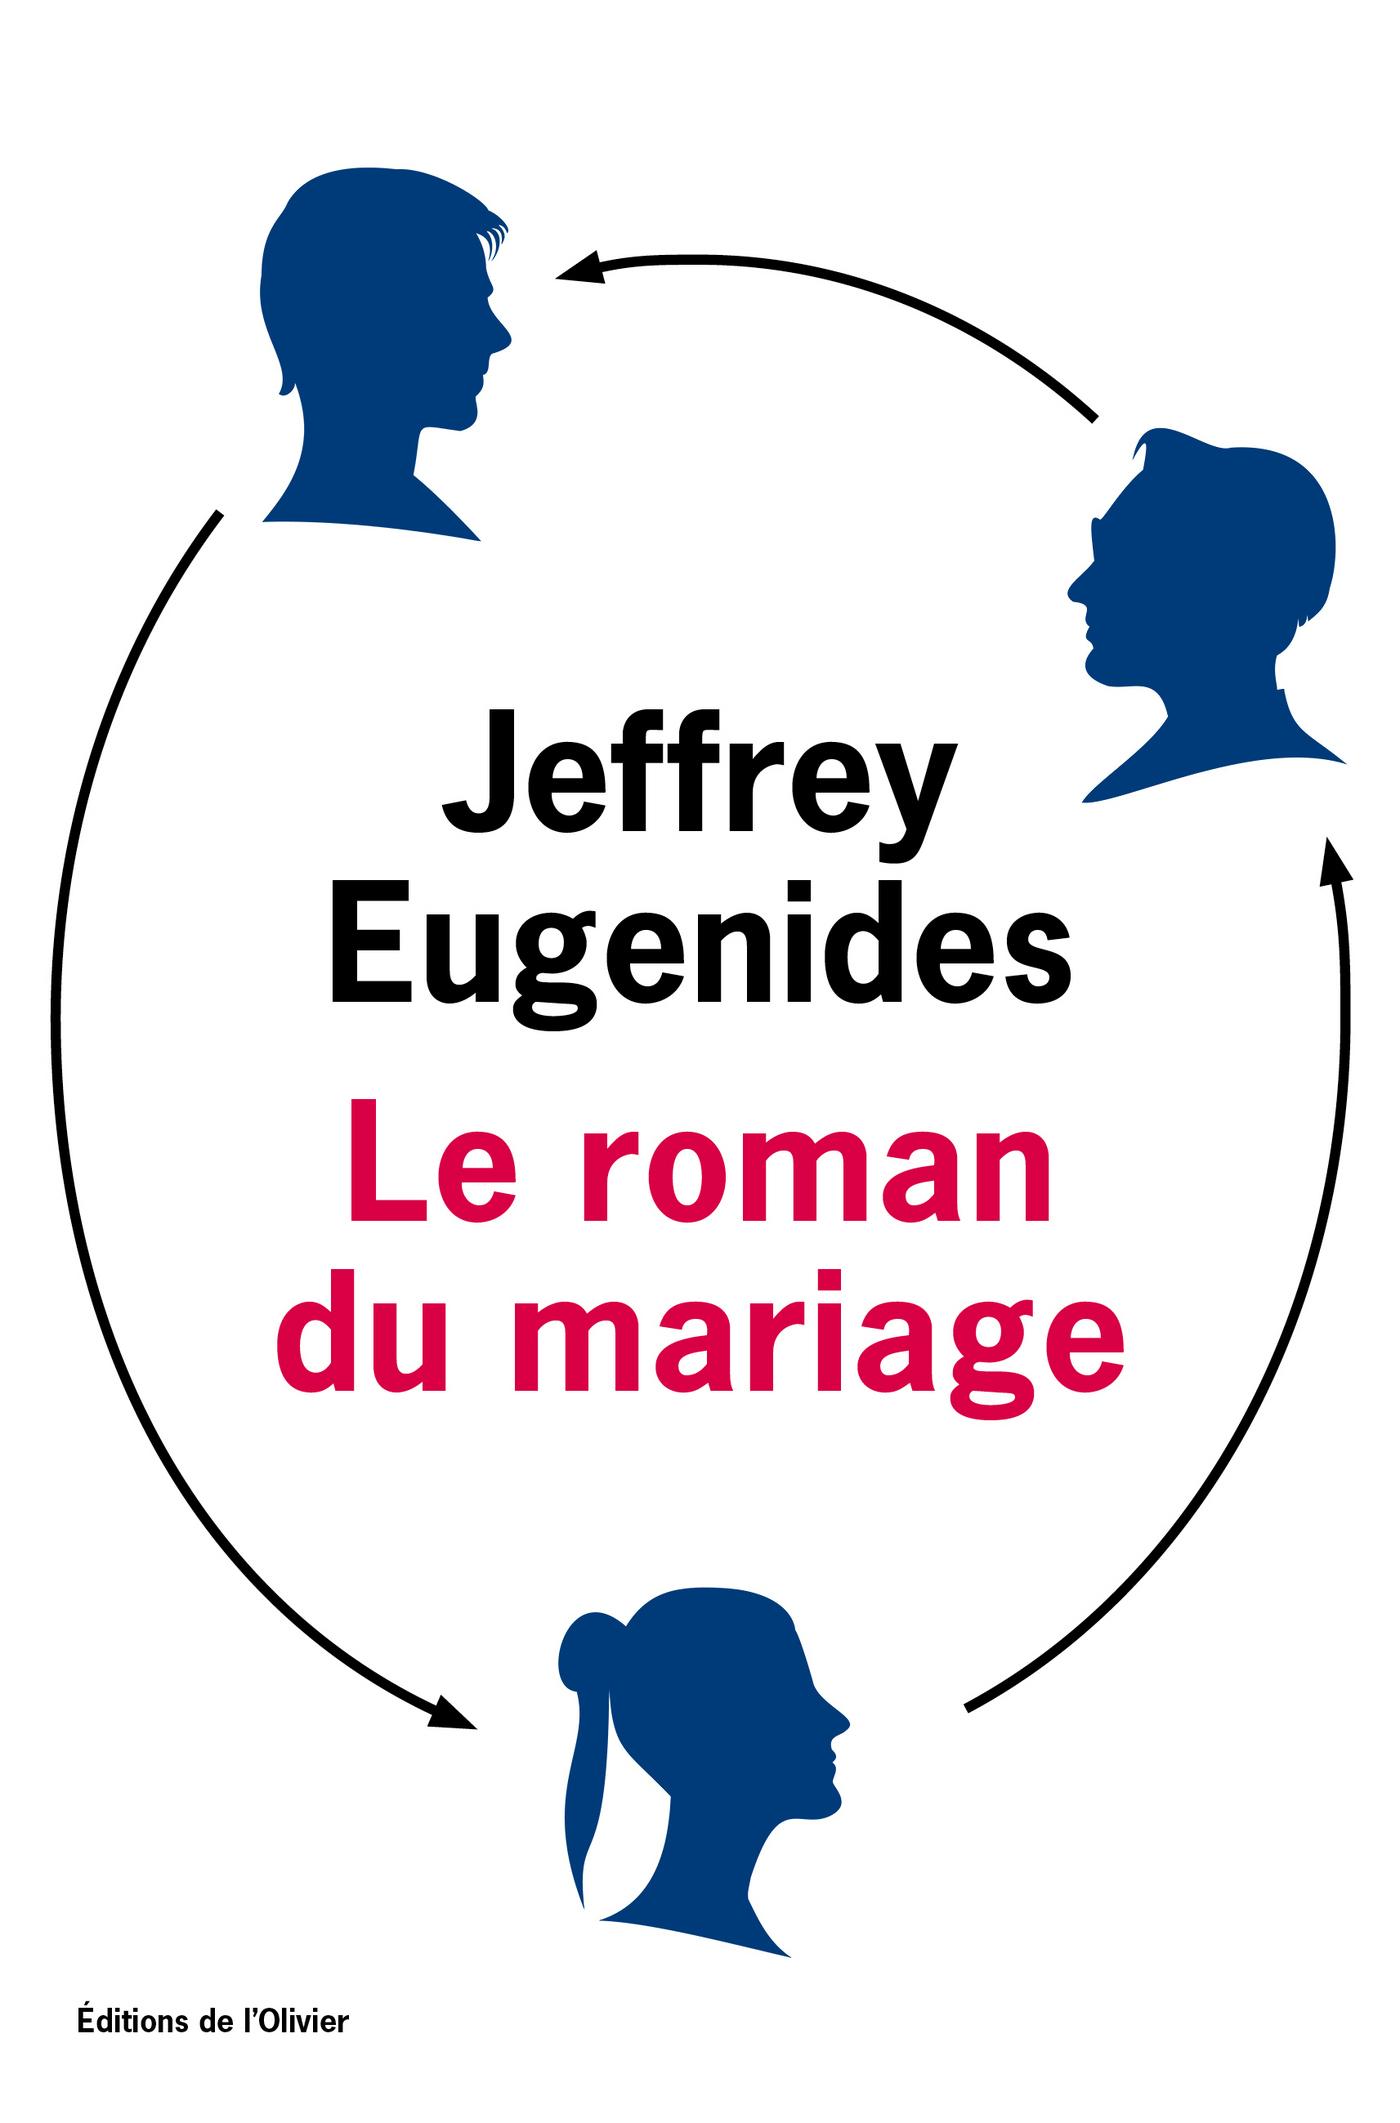 Couverture : Roman du mariage (Le) Jeffrey Eugenides